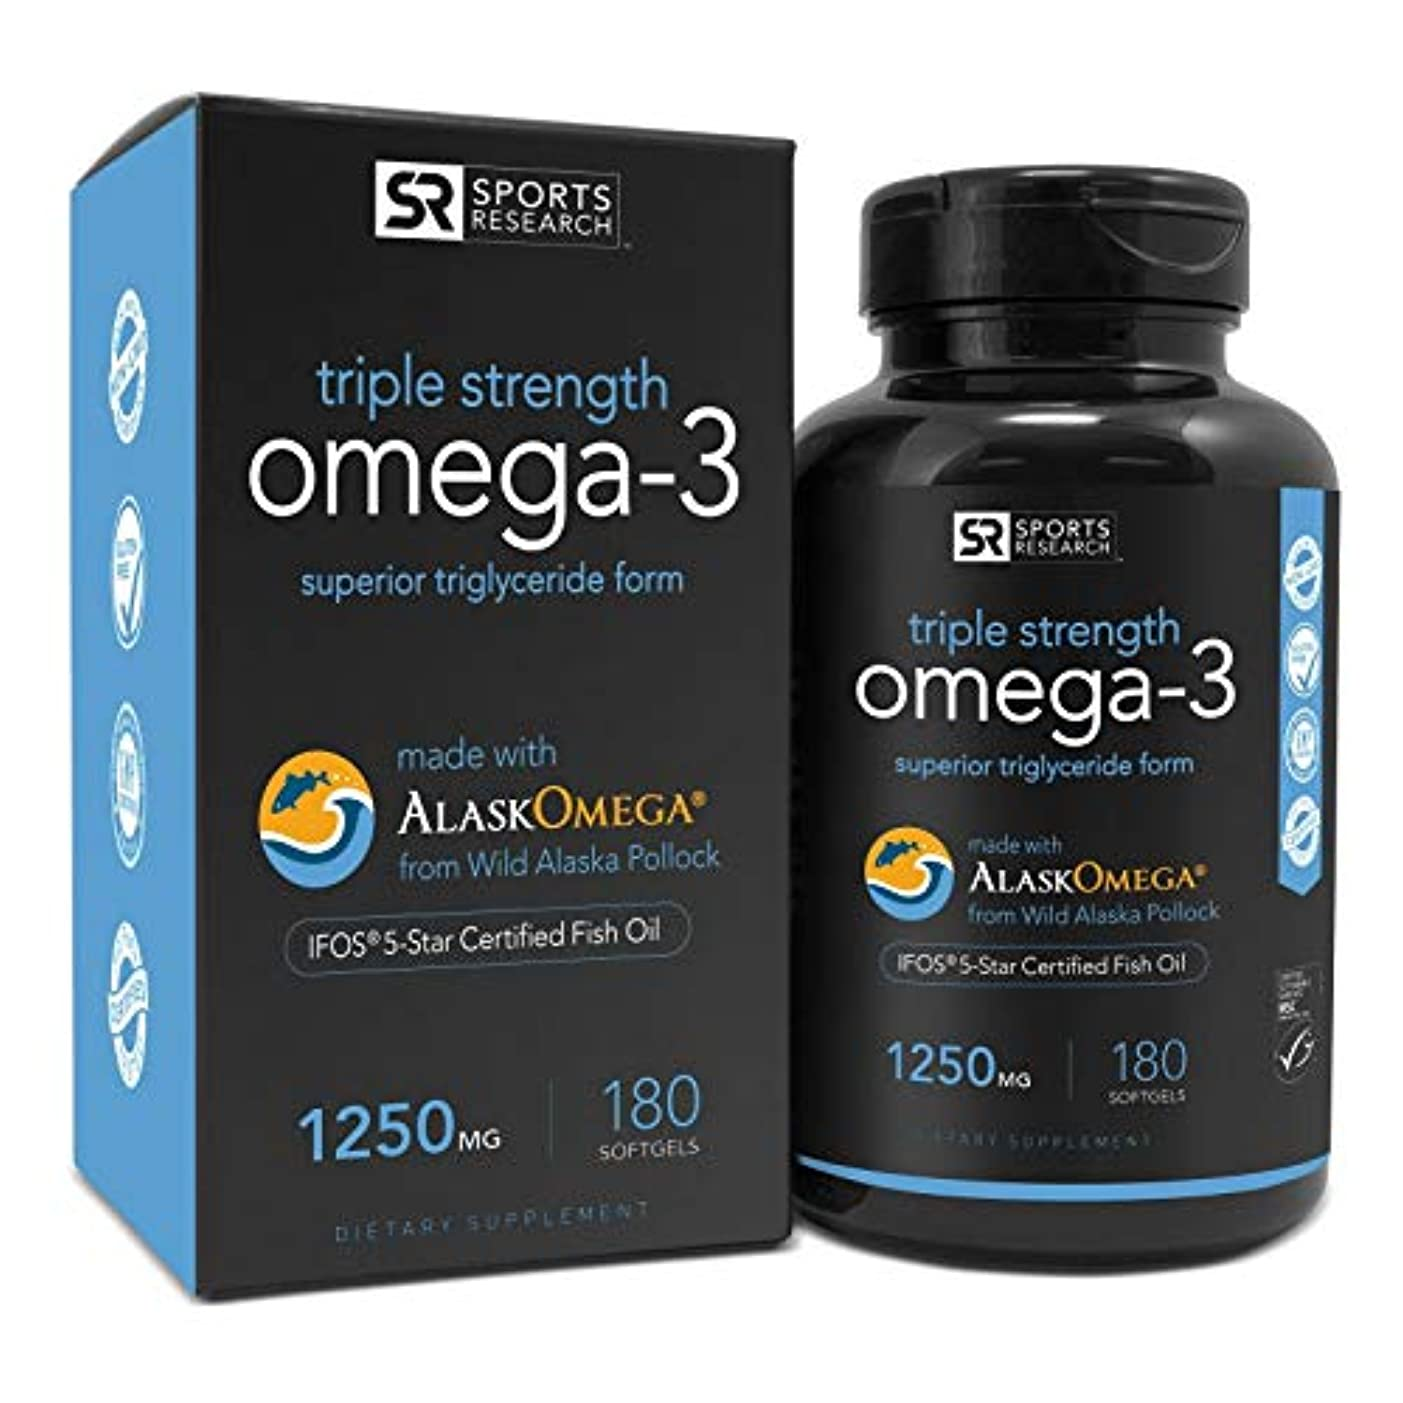 解説支出シェアOmega-3 Fish Oil 1250mg (Triple Strength) 180 gelcaps| Contains the highest levels of triglyceride Omega-3s EPA...